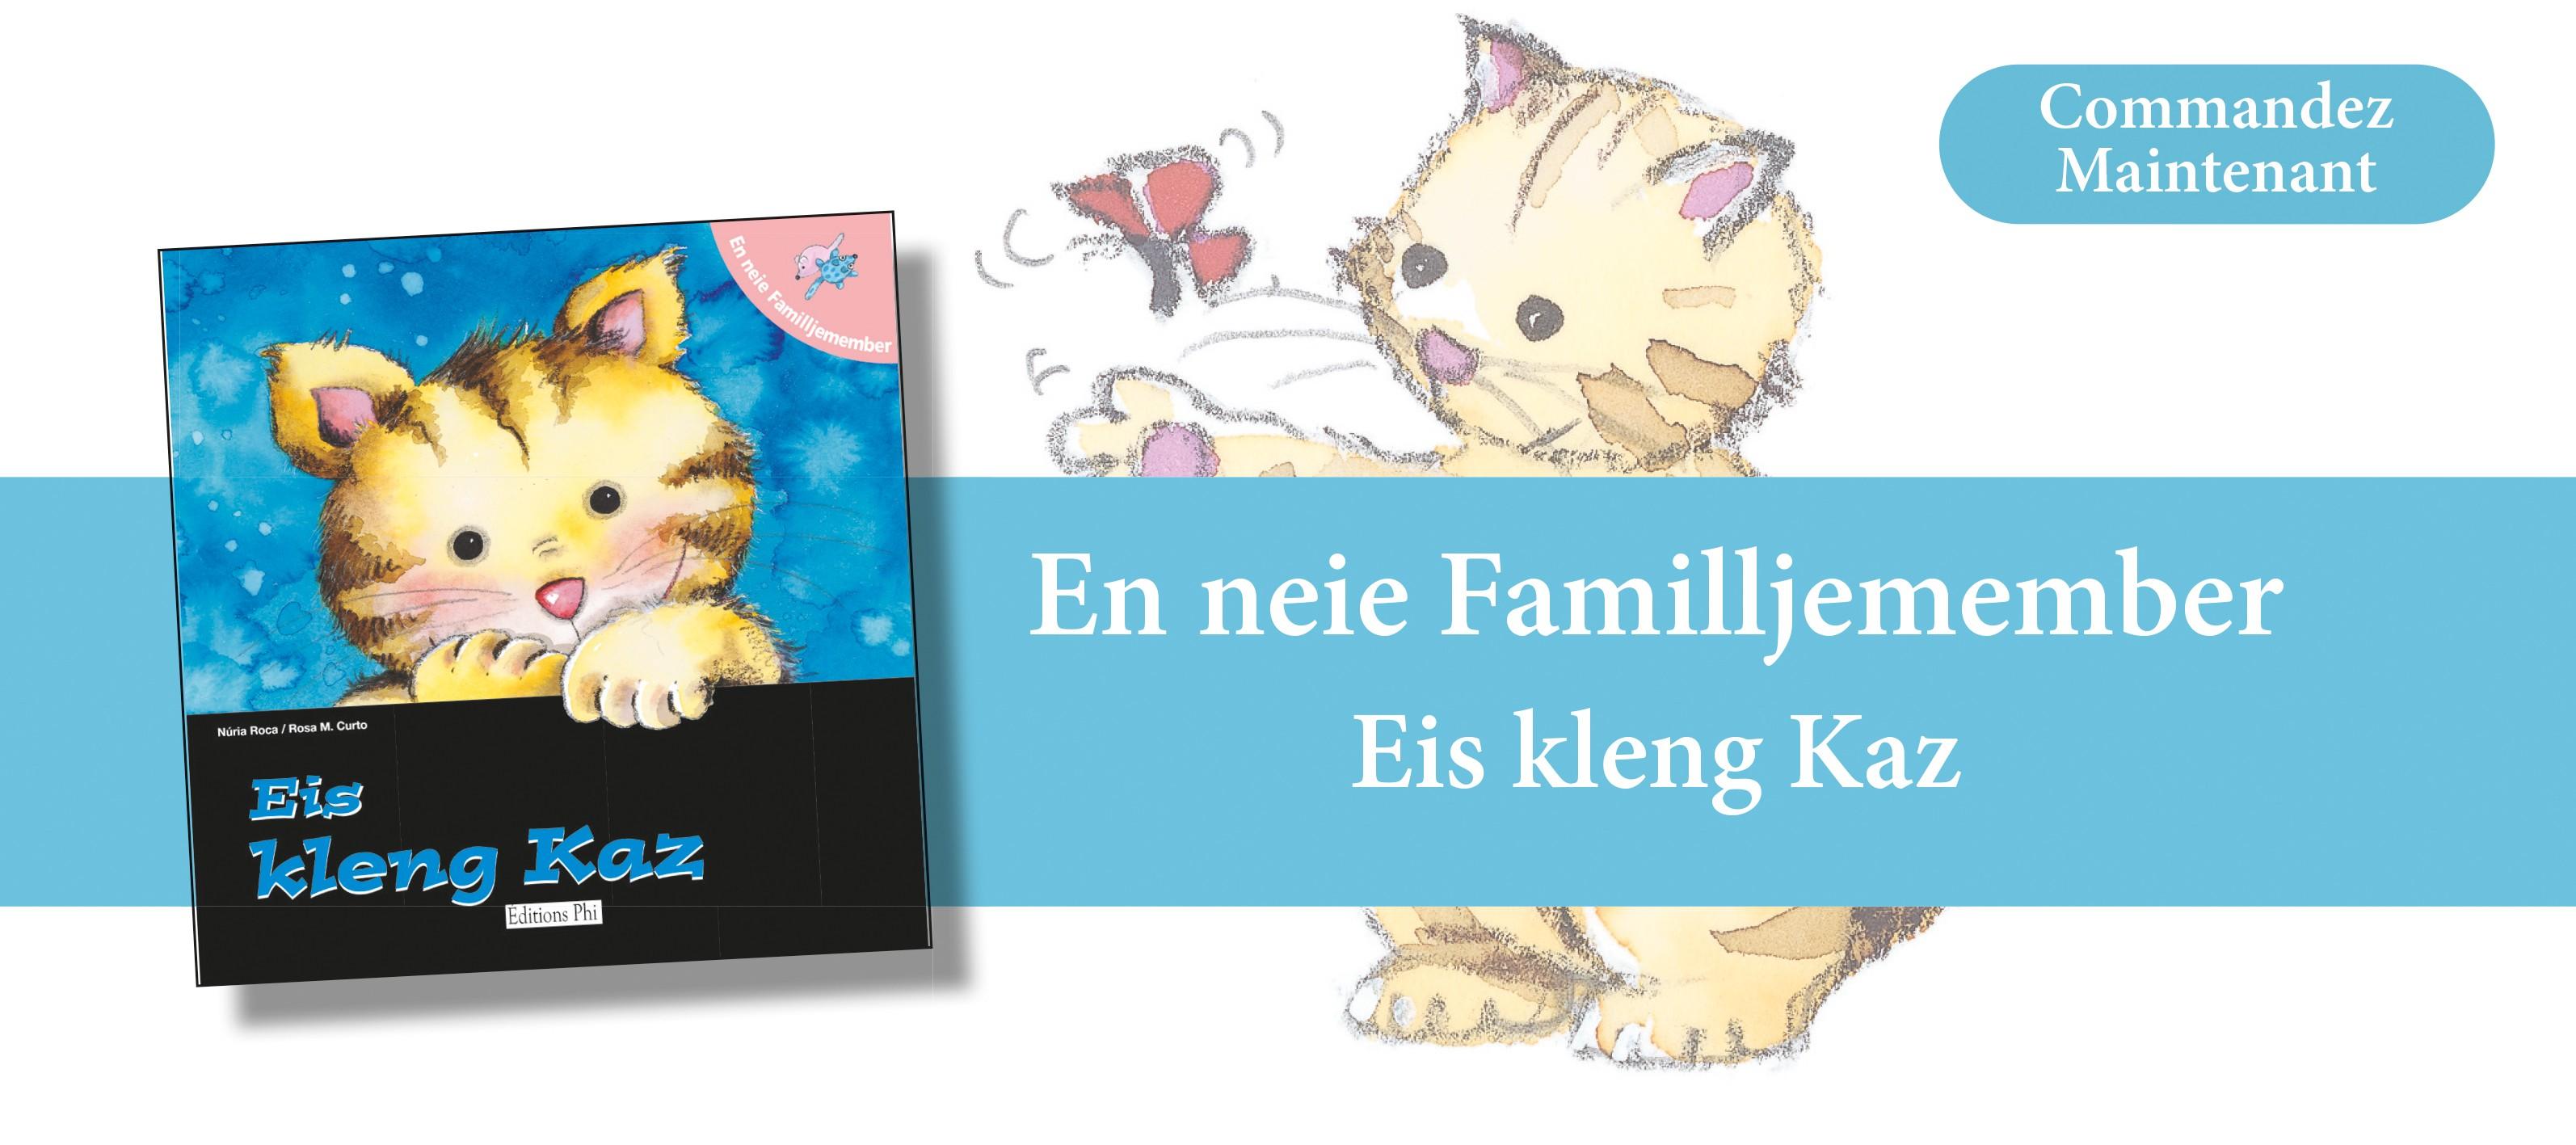 http://www.editionsphi.lu/fr/home/498-en-neie-familljemember-eis-kleng-kaz.html